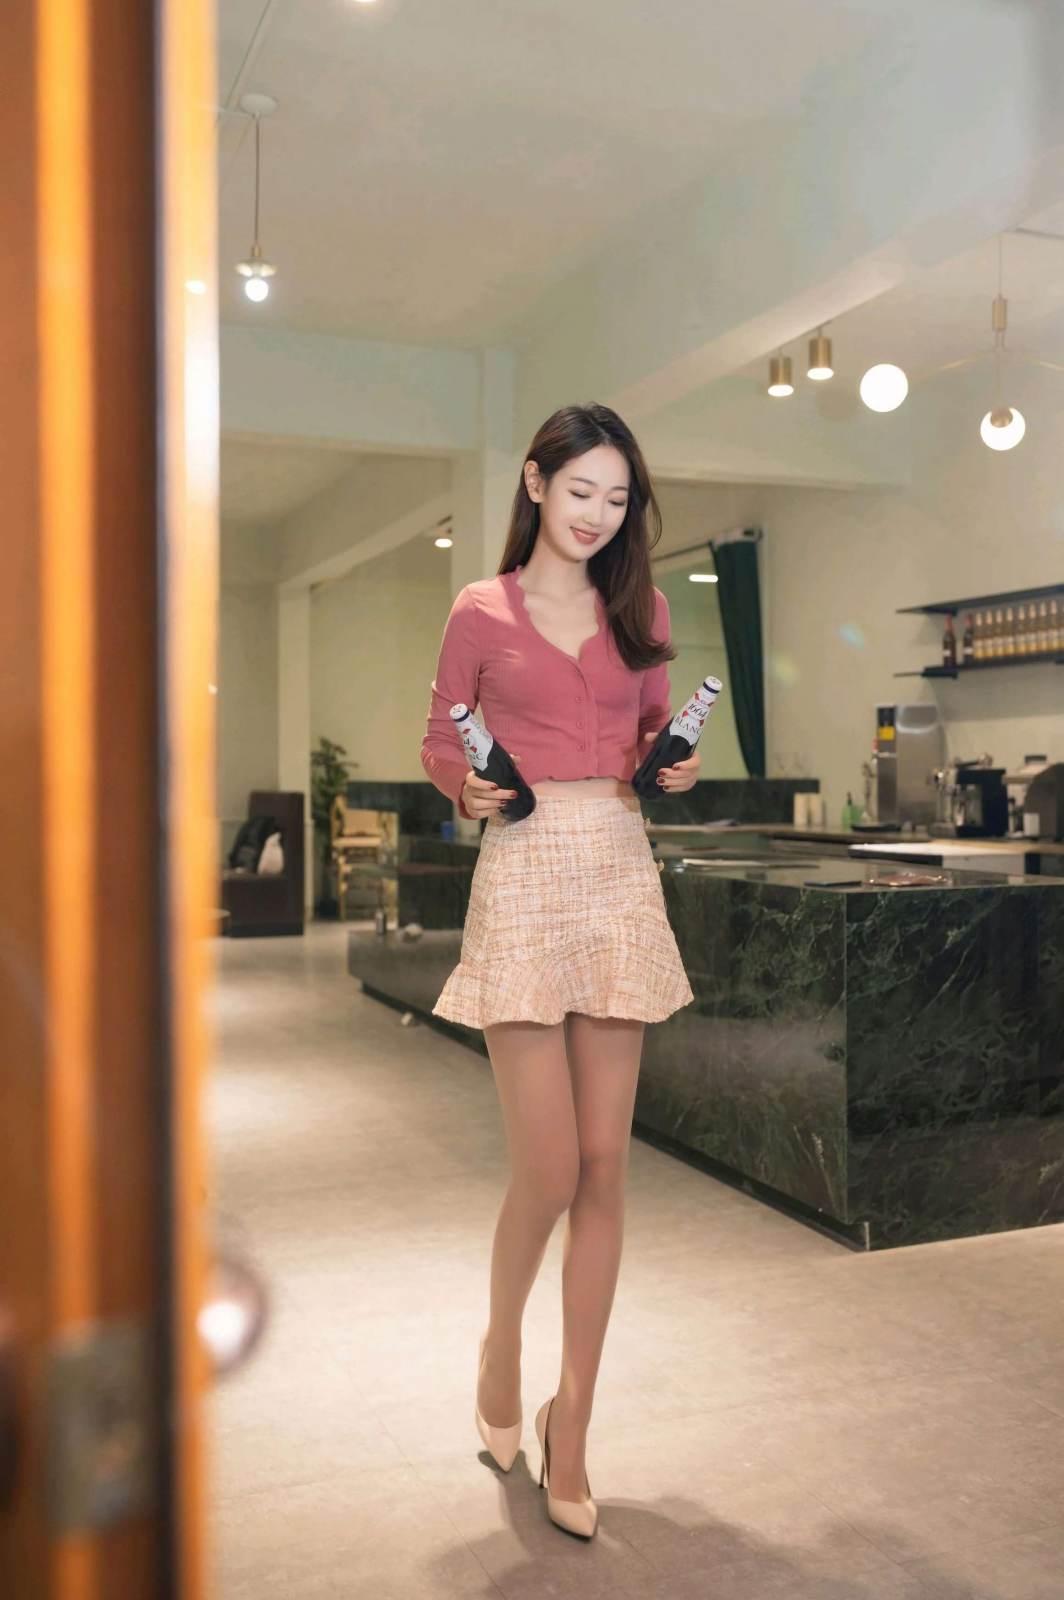 第196期上得厅堂,下得厨房唐安琪(露脐装,高跟,短裙)_图片6